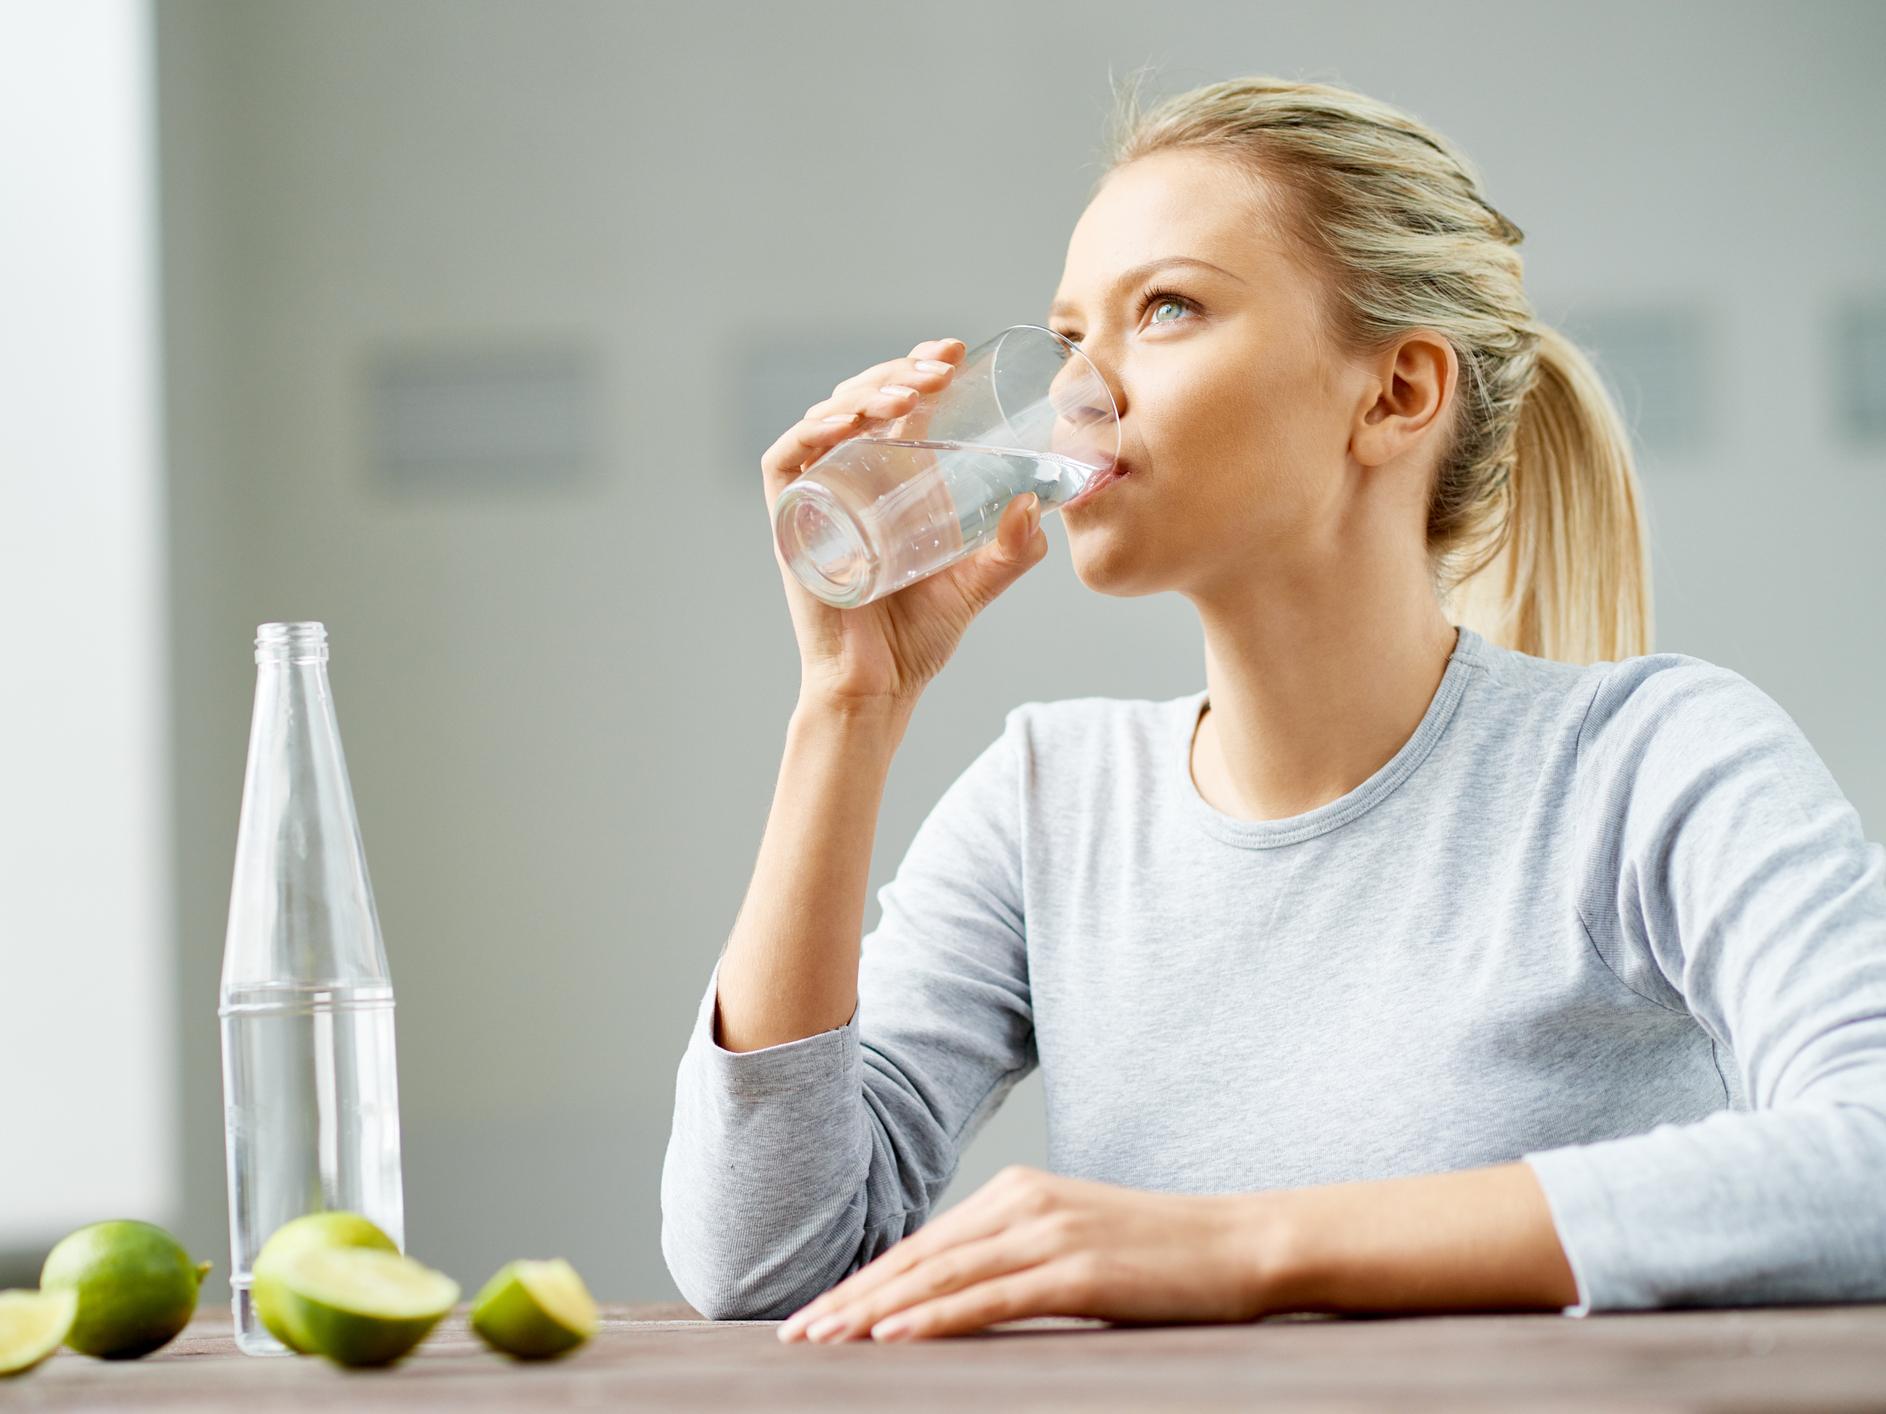 Përfitimet shëndetësore të pirjes së ujit me limon gjatë gjidhënies